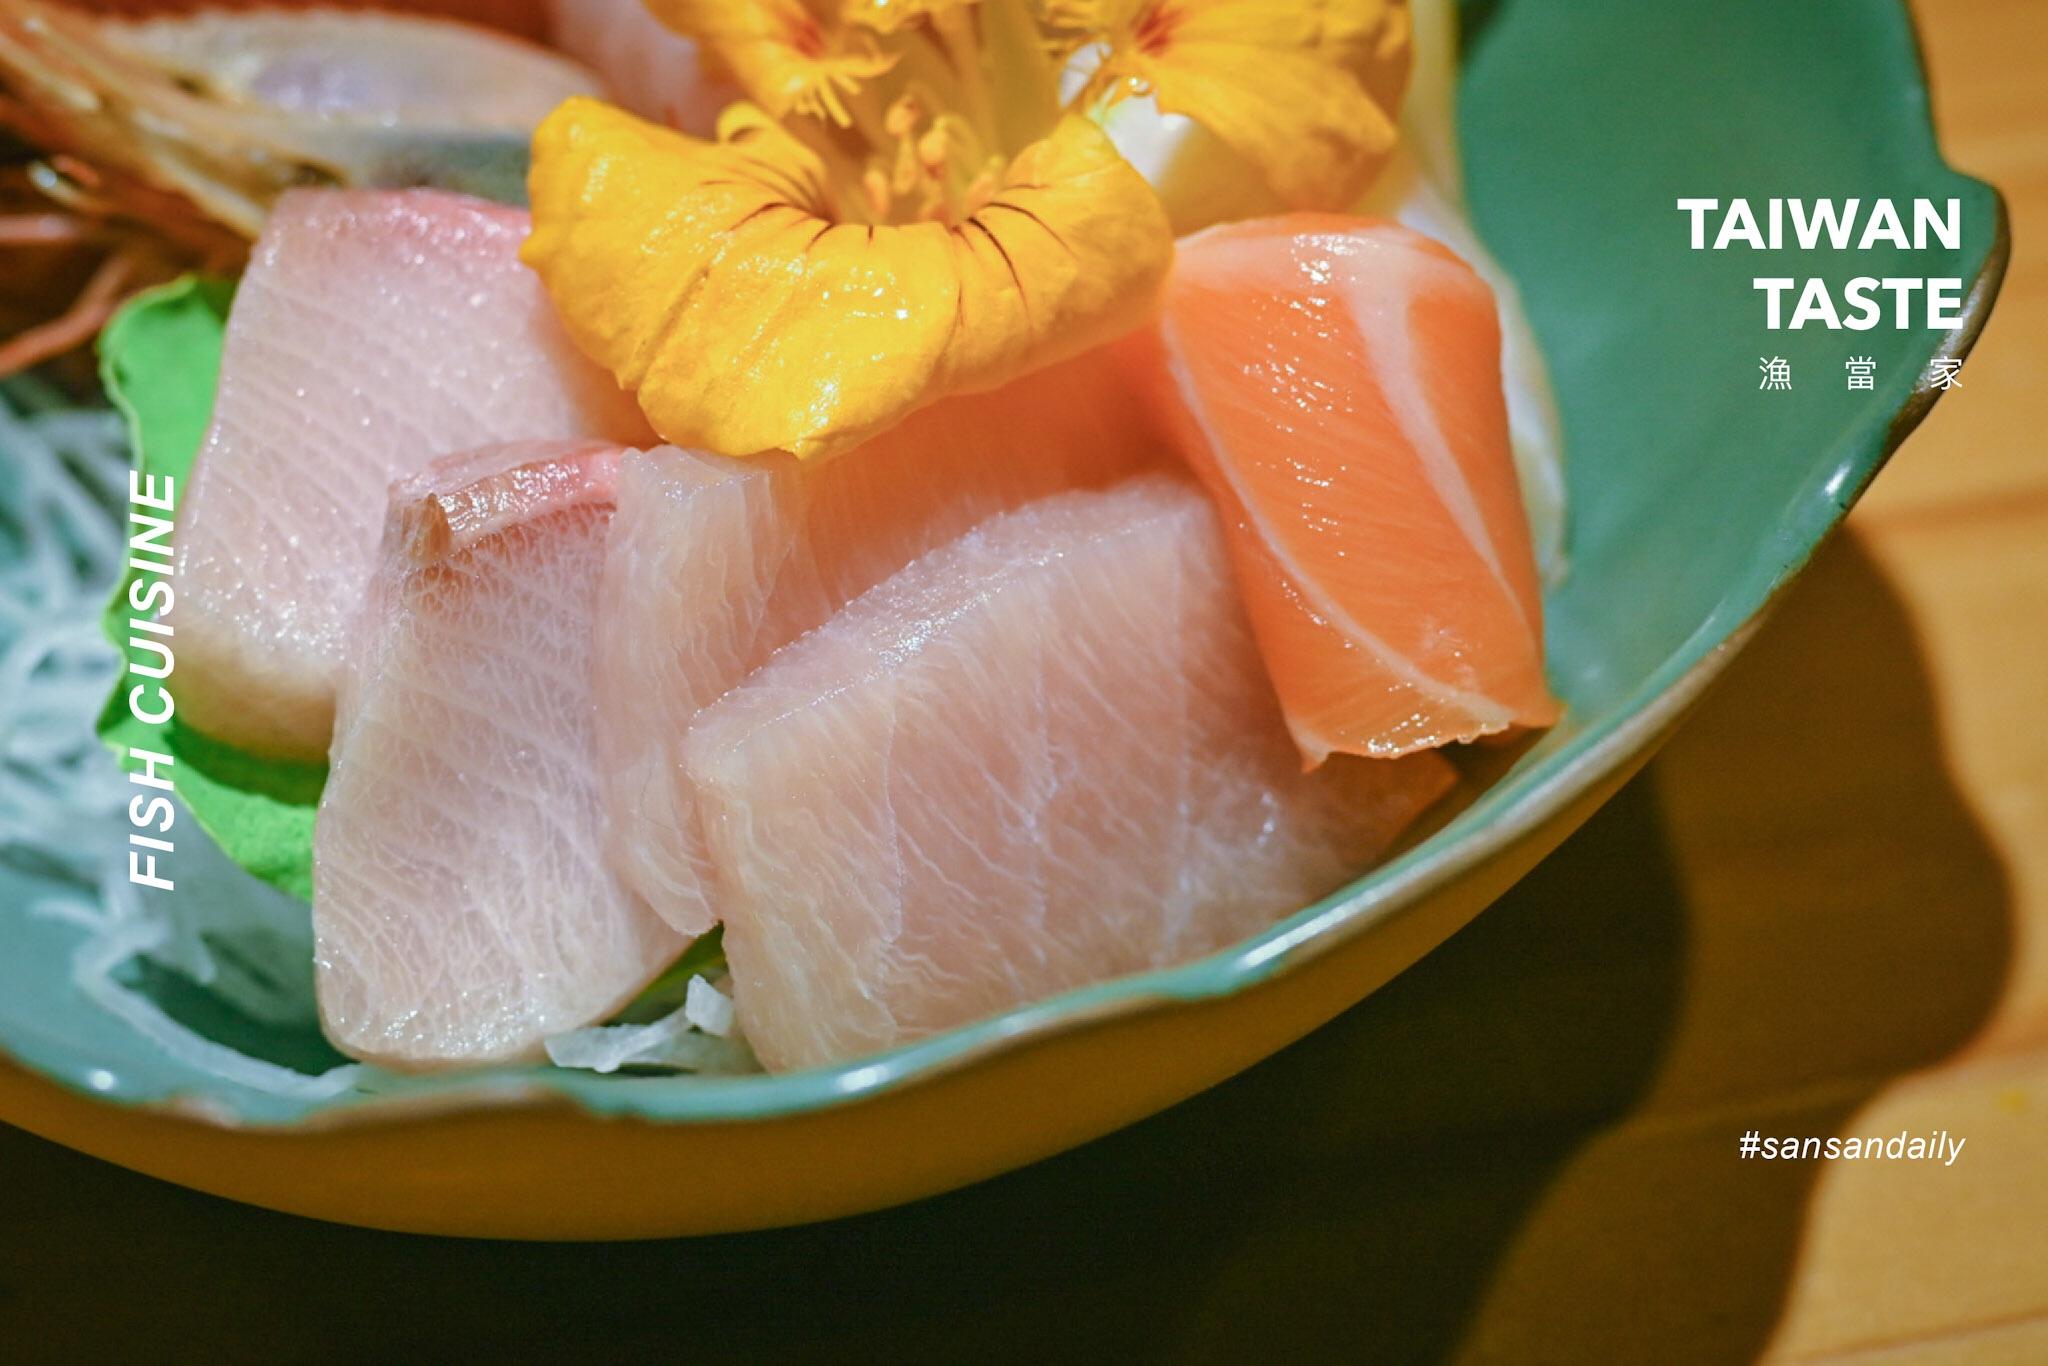 簡單卻驚豔的魚料理手藝【漁當家食堂】石牌站台北無菜單料理 厚切生魚片 烤魚 干貝|sansan吃新北